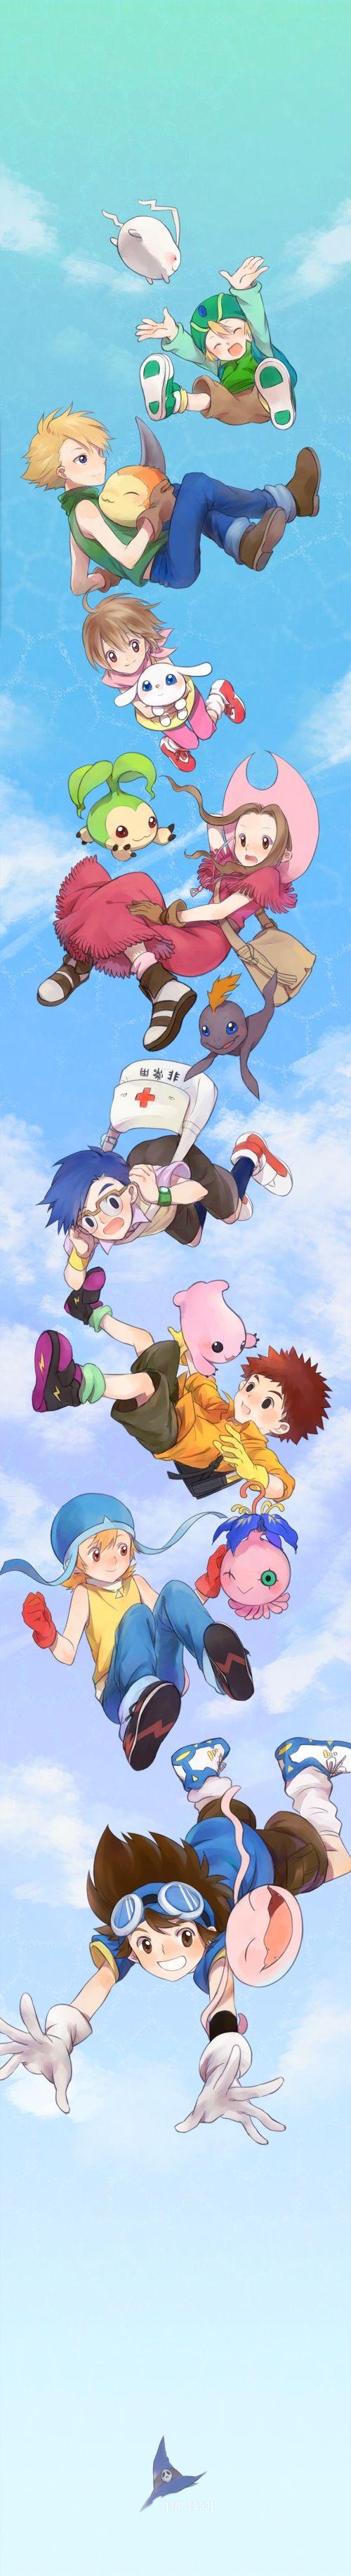 Digimon Adventure #Manga #Illustration #Anime